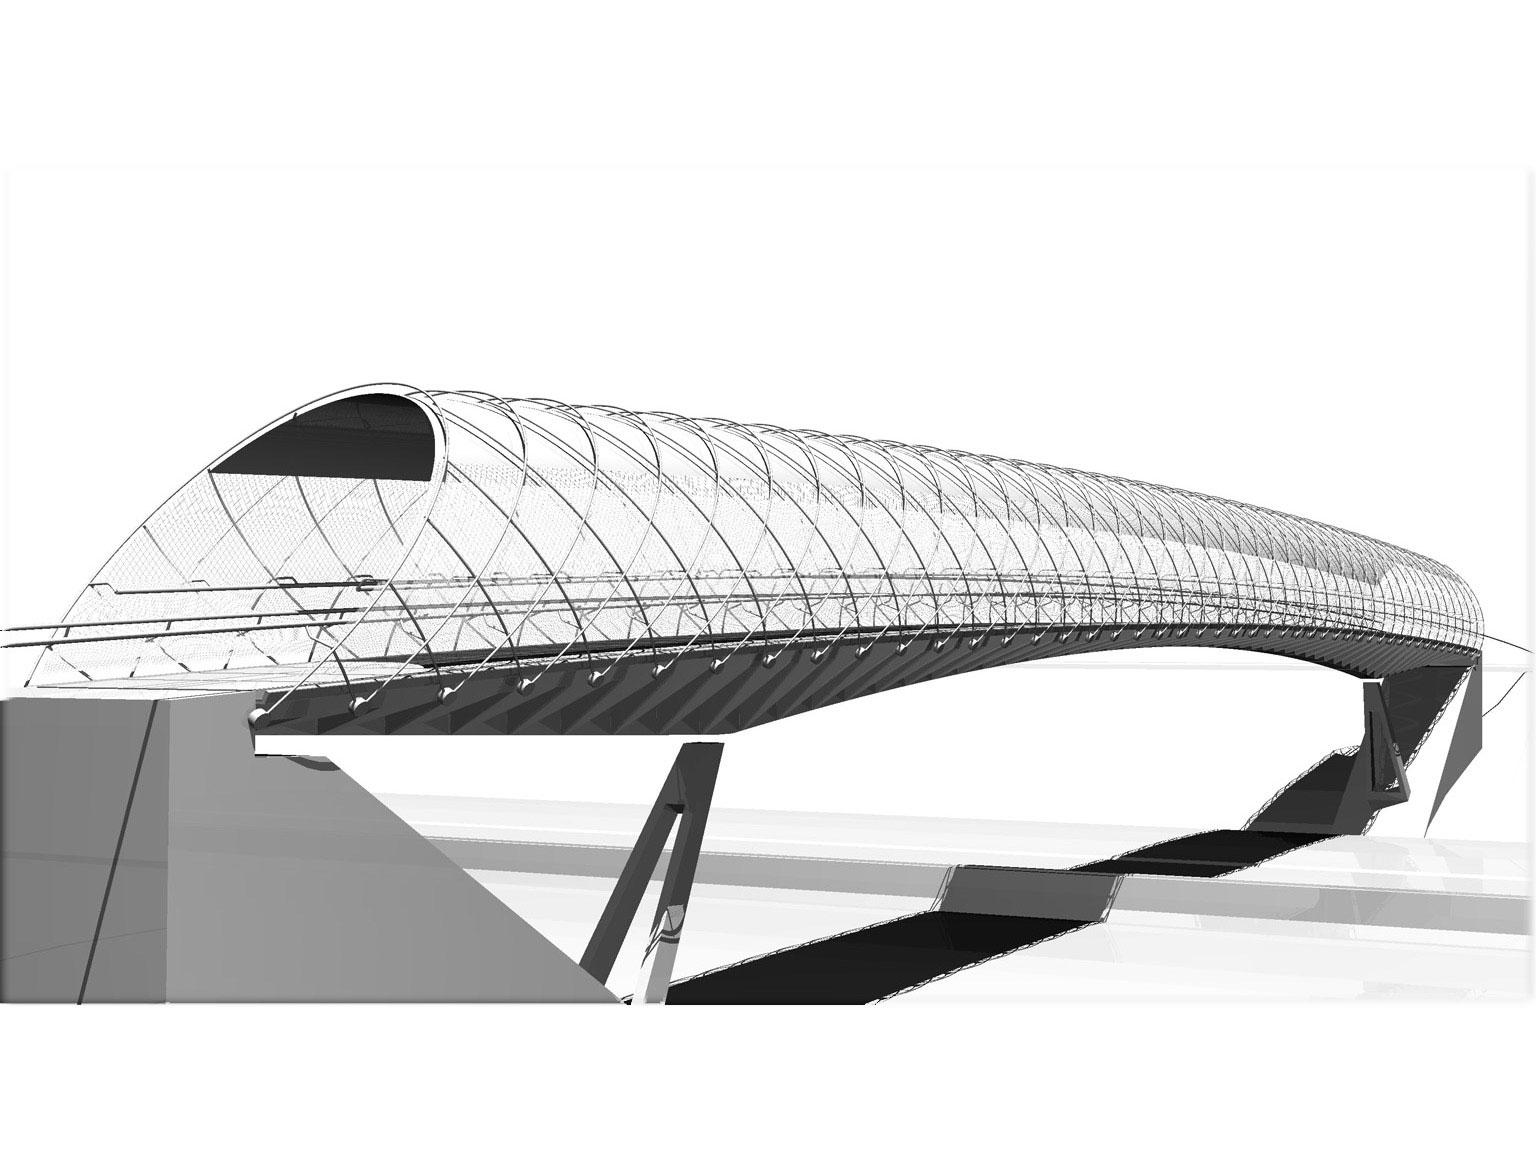 Pasarela sobre la se 30 de luis vidal asociados for Arquitectura y diseno las palmas